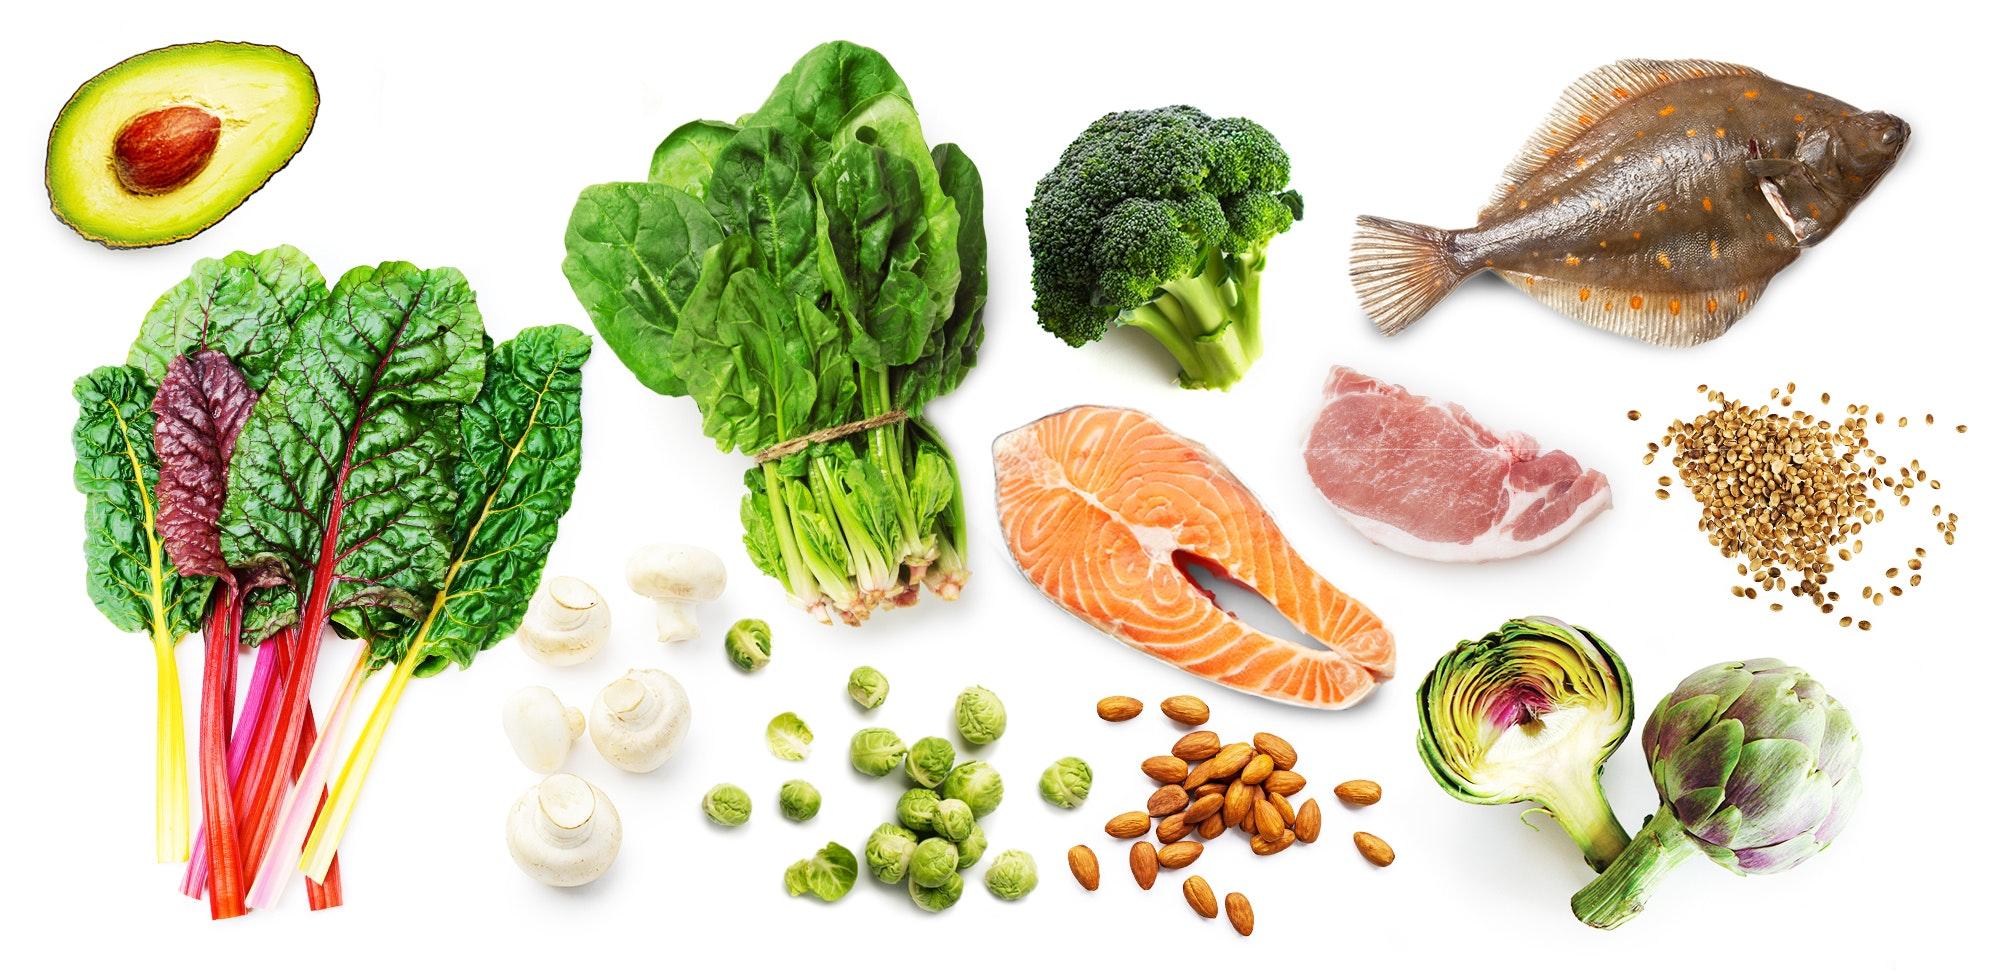 Que alimentos contienen potasio y magnesio